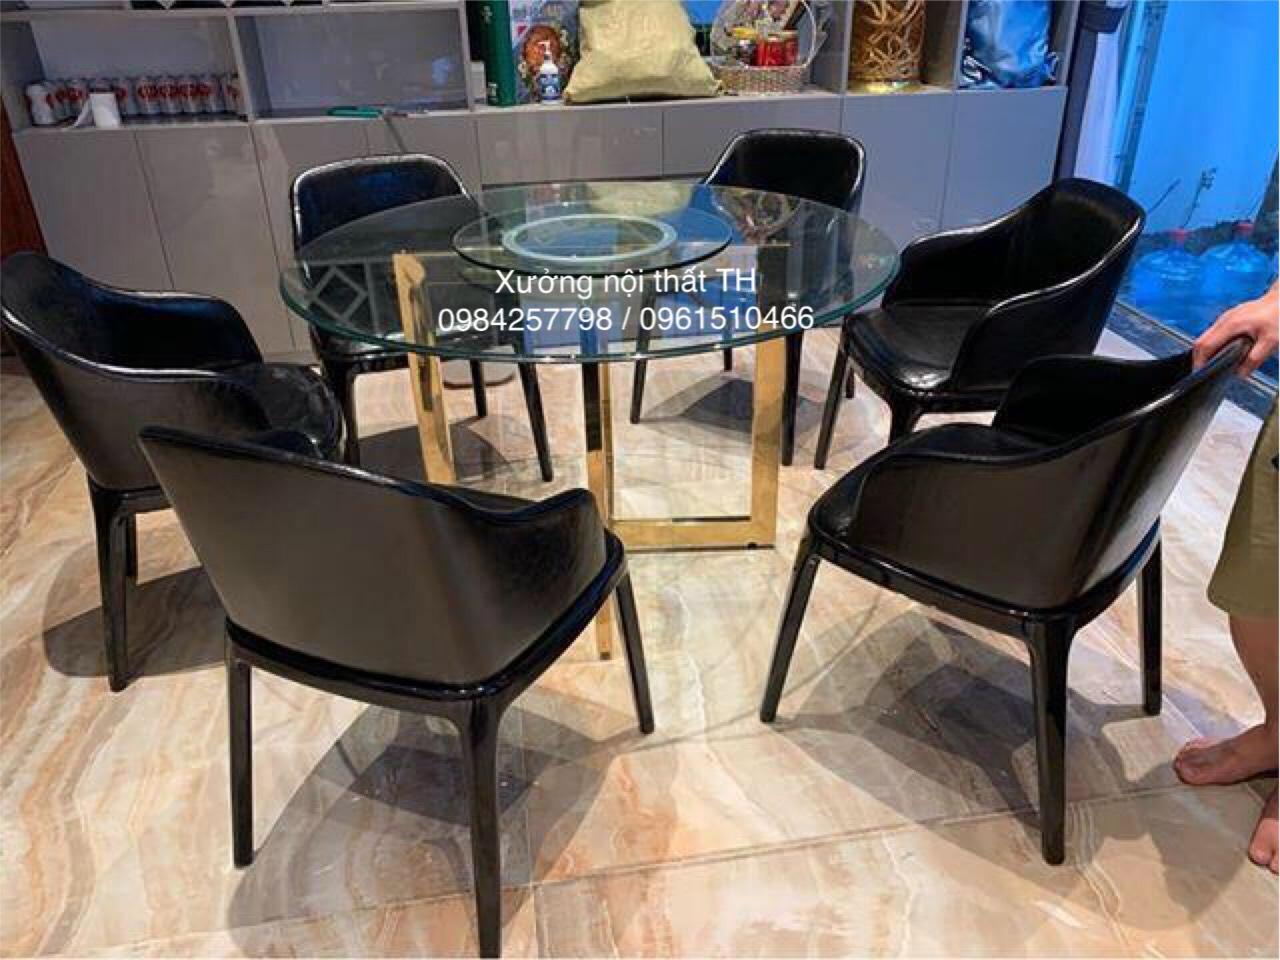 Bộ bàn ăn tròn hiện đại có mâm xoay kết hợp cùng 6 ghế Grace có tay sang trọng